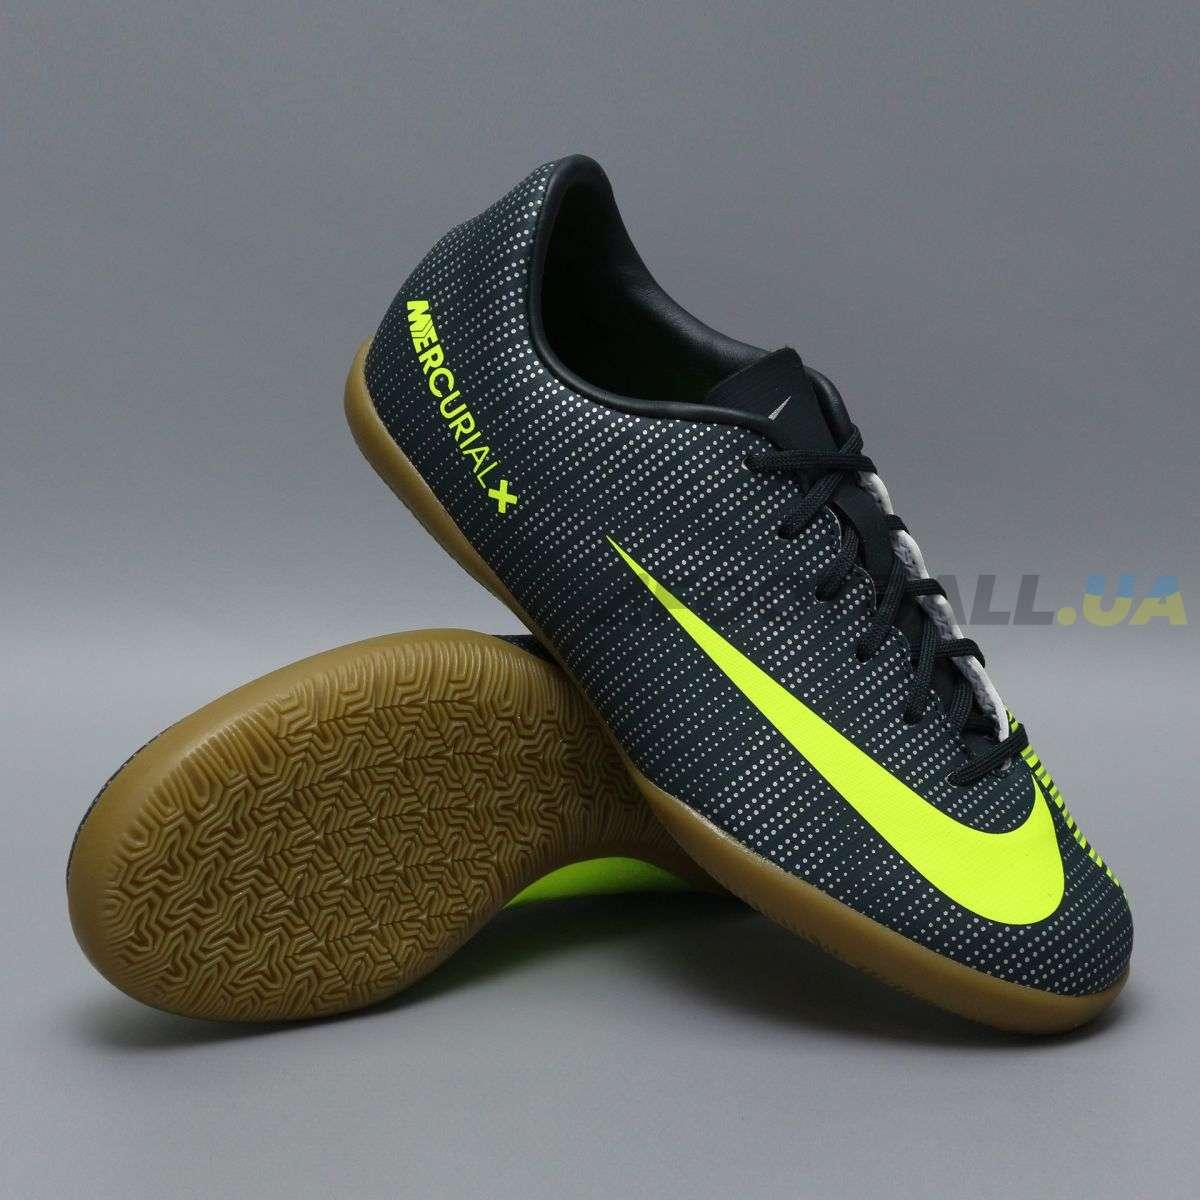 3a9627f250720f Детские футзалки Nike Ronaldo CR7 JR MERCURIALX VAPOR XI IC | 852488-376 ...